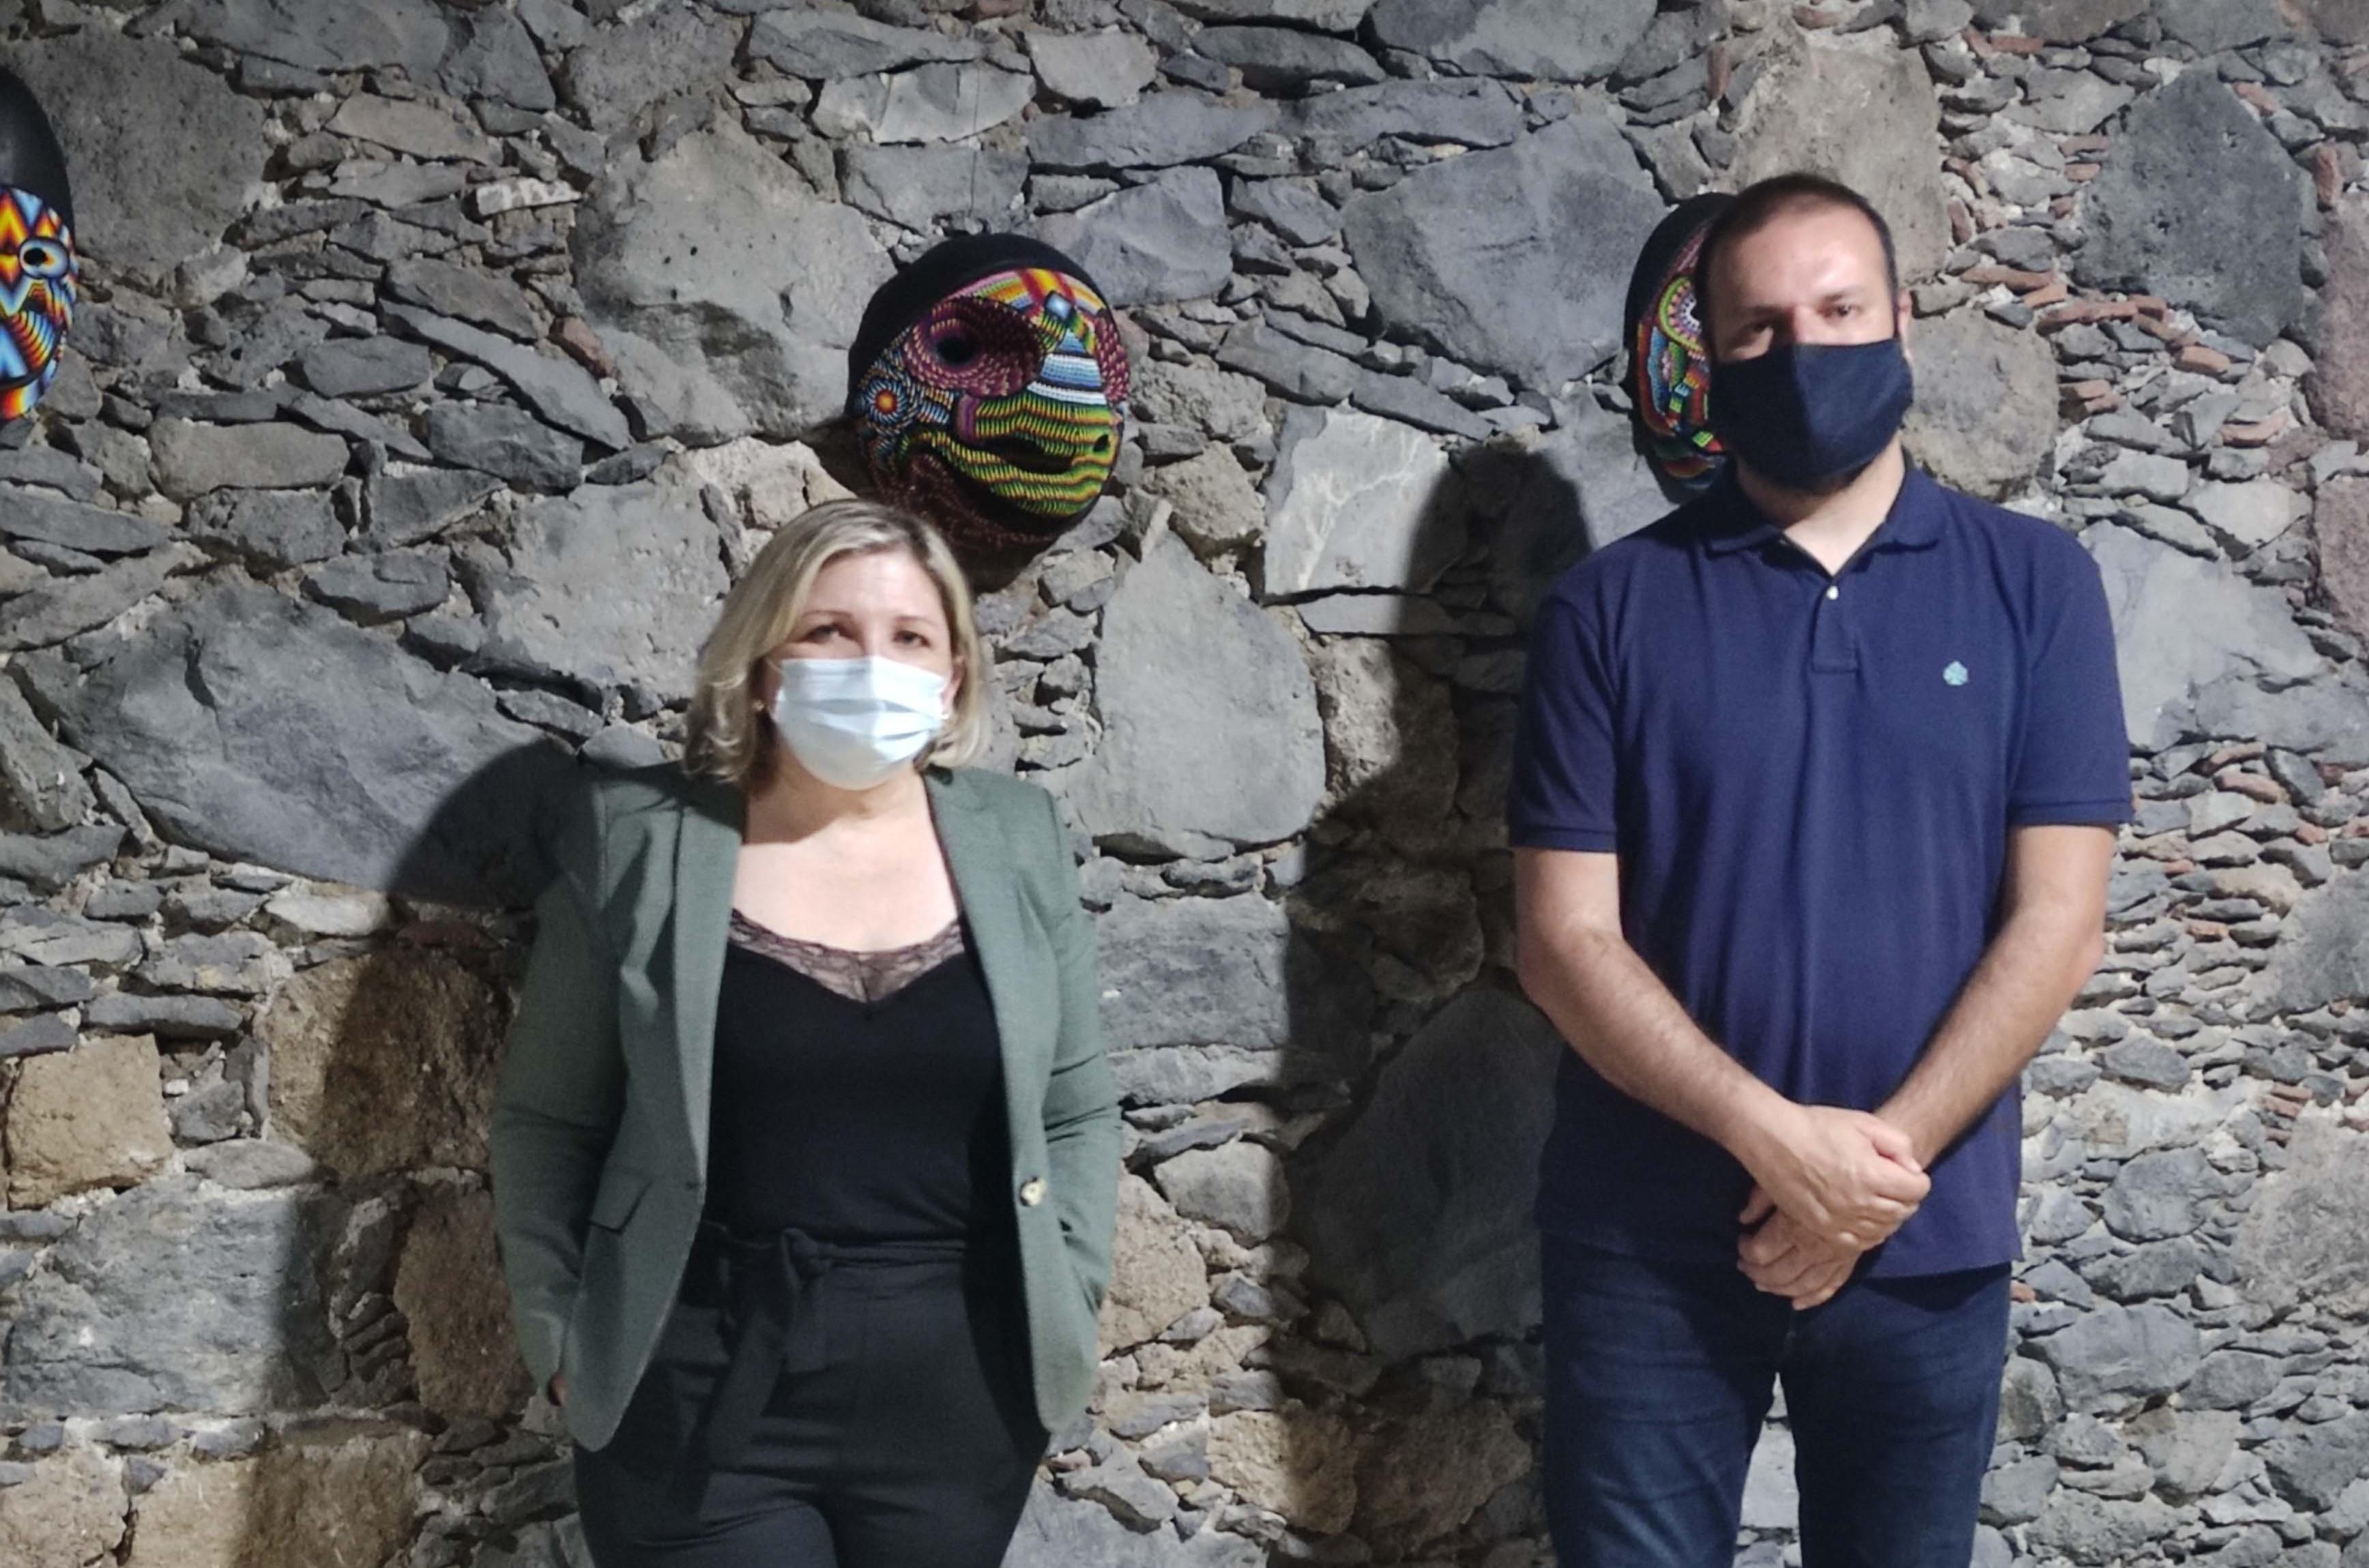 """Exposición """"Máscaras tradicionales colombianas"""" en Buenavista del Norte (Tenerife) / CanariasNoticias.es"""